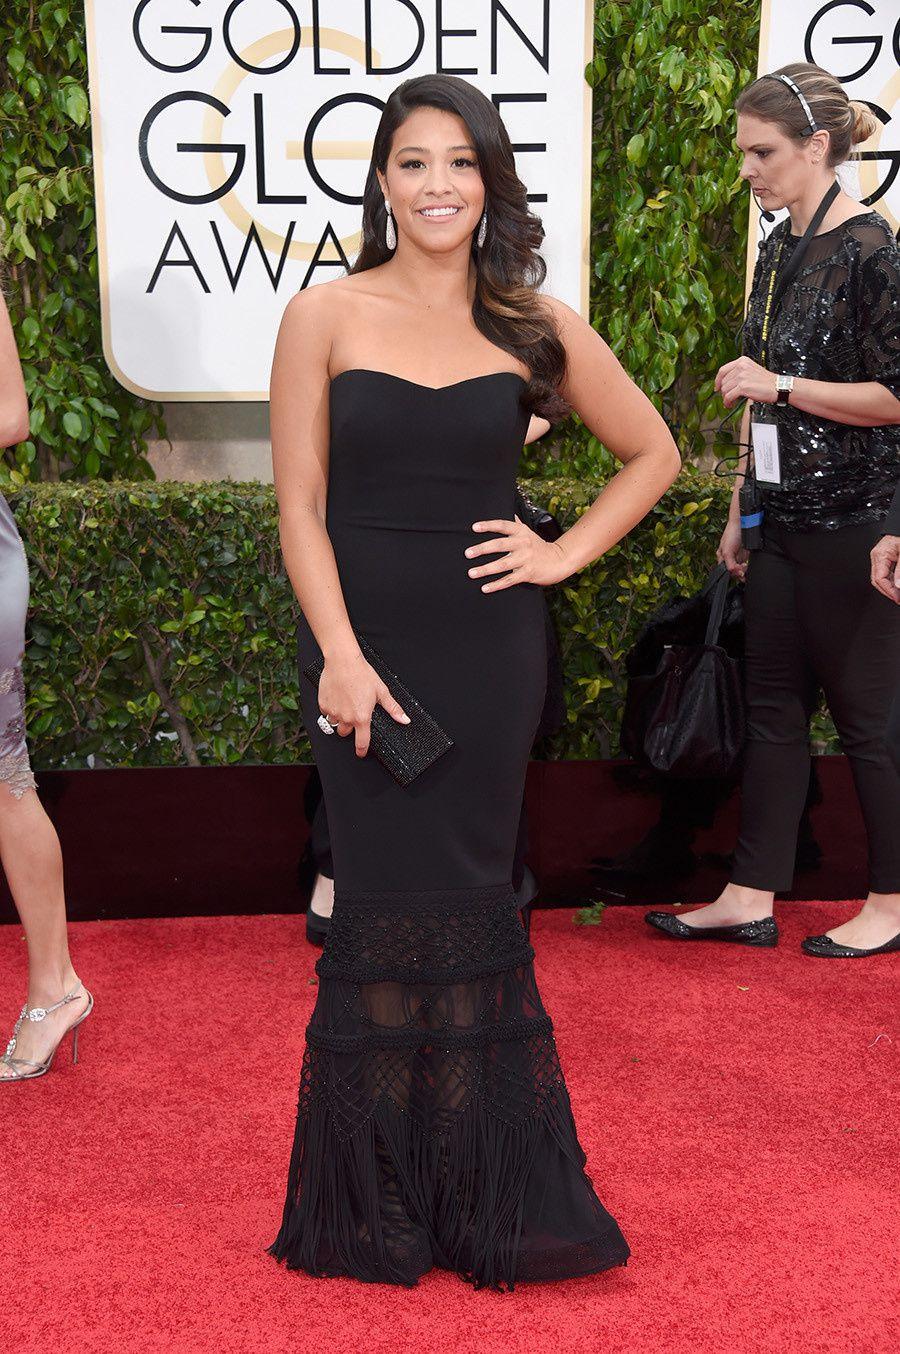 Nouvelle venue et pourtant grande gagnante de la soirée, Gina Rodriguez de Jane The Virgin - © Getty